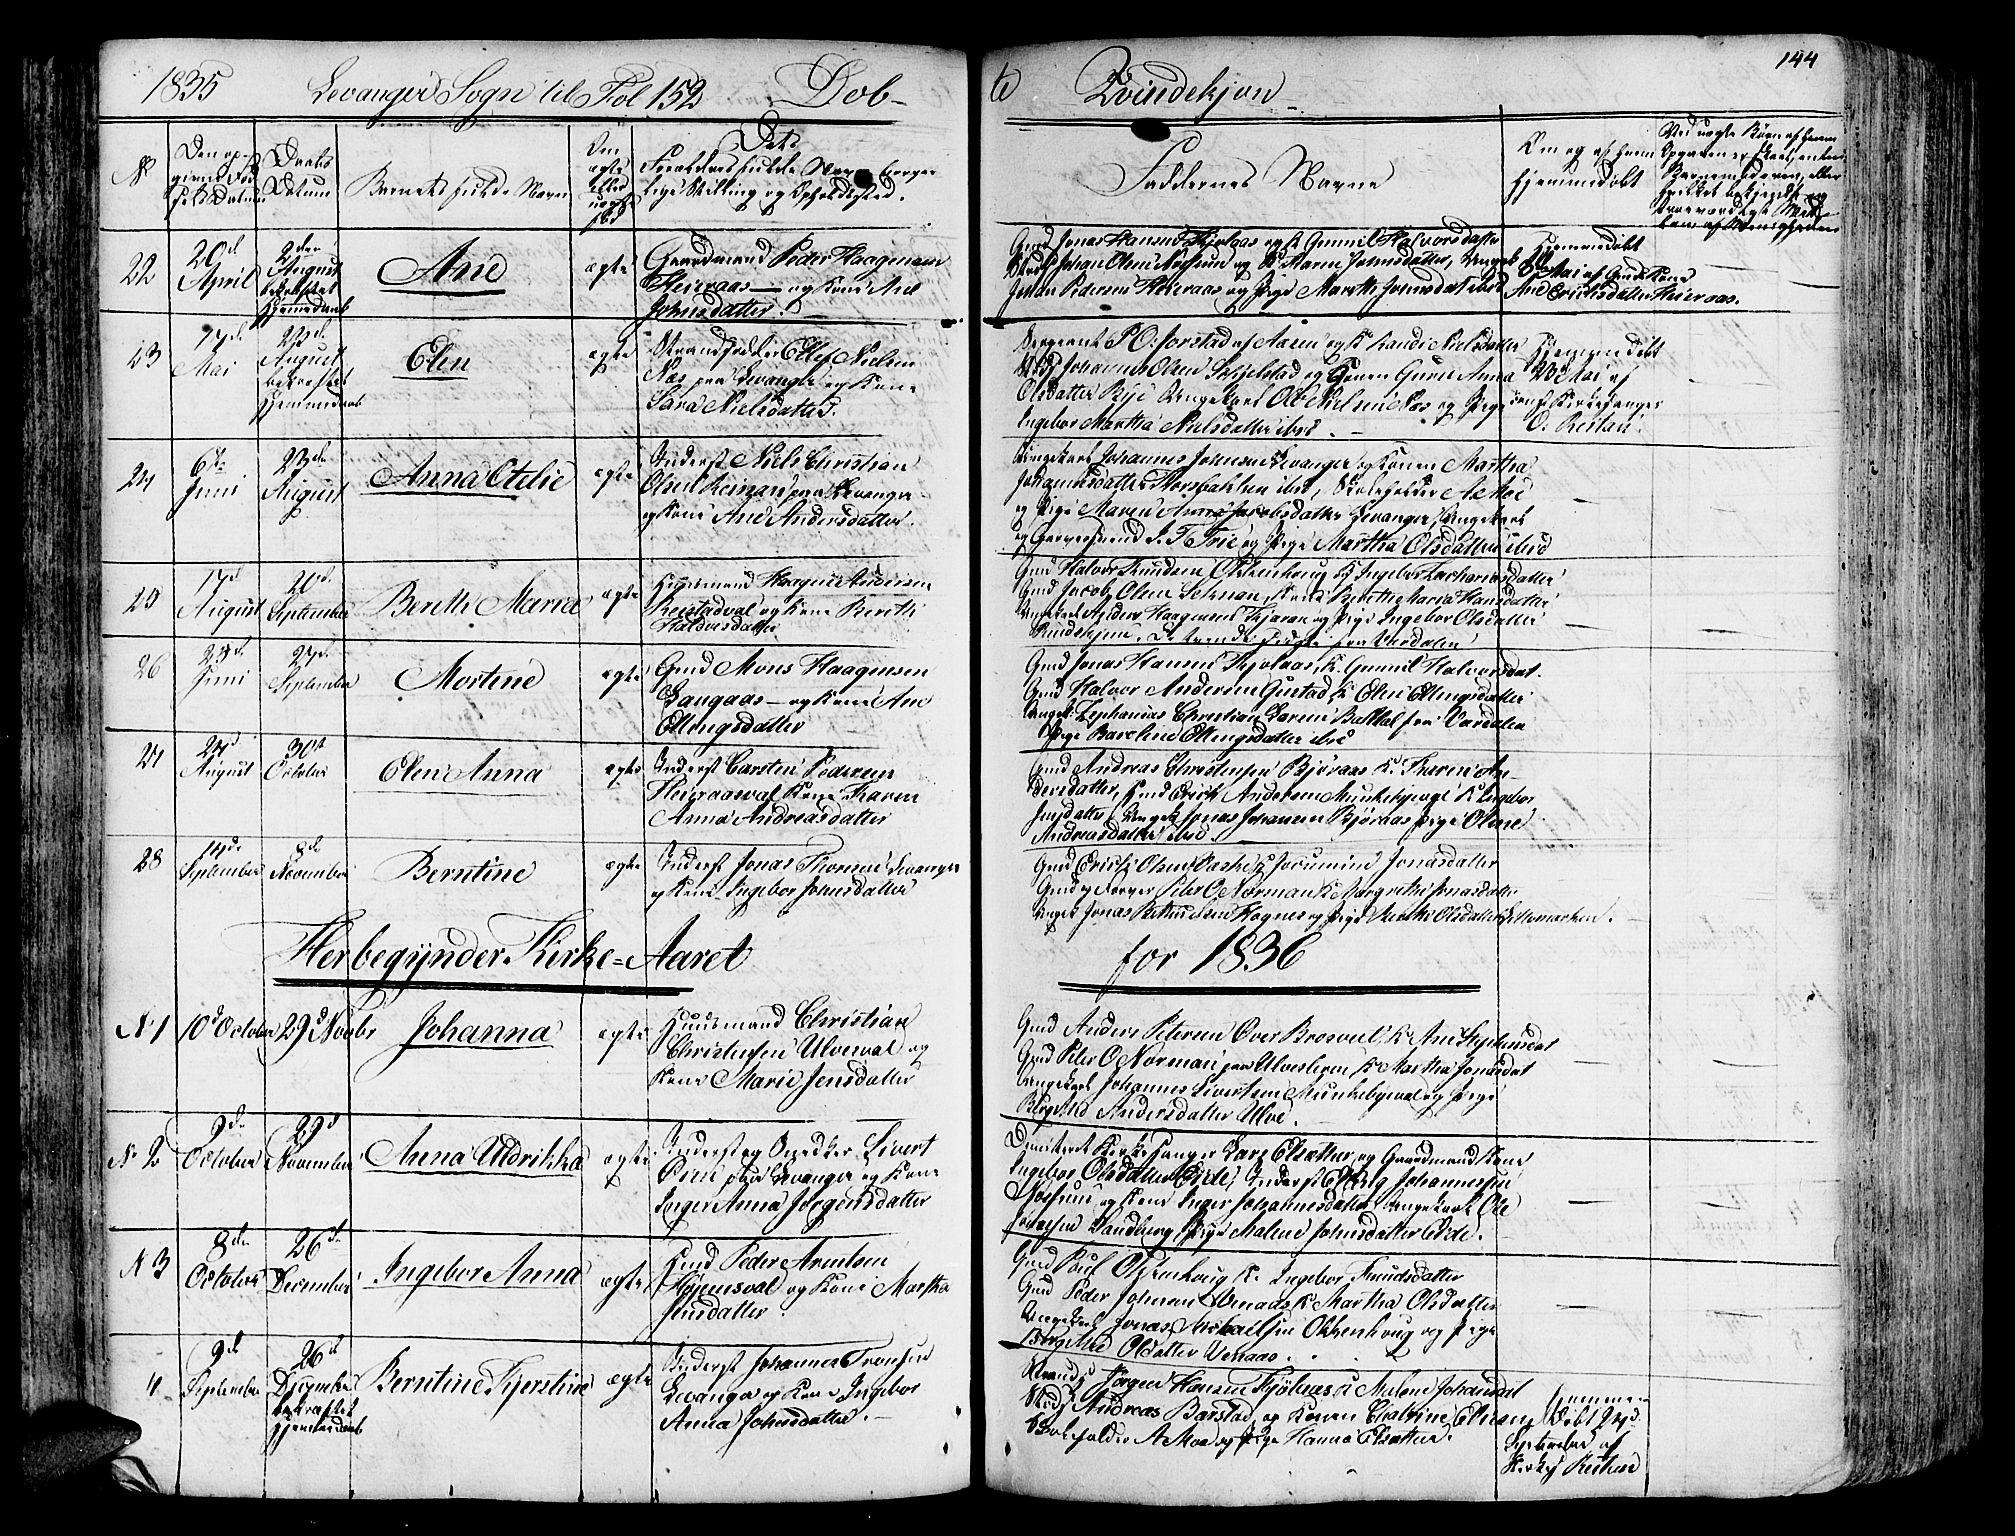 SAT, Ministerialprotokoller, klokkerbøker og fødselsregistre - Nord-Trøndelag, 717/L0152: Ministerialbok nr. 717A05 /3, 1828-1836, s. 144